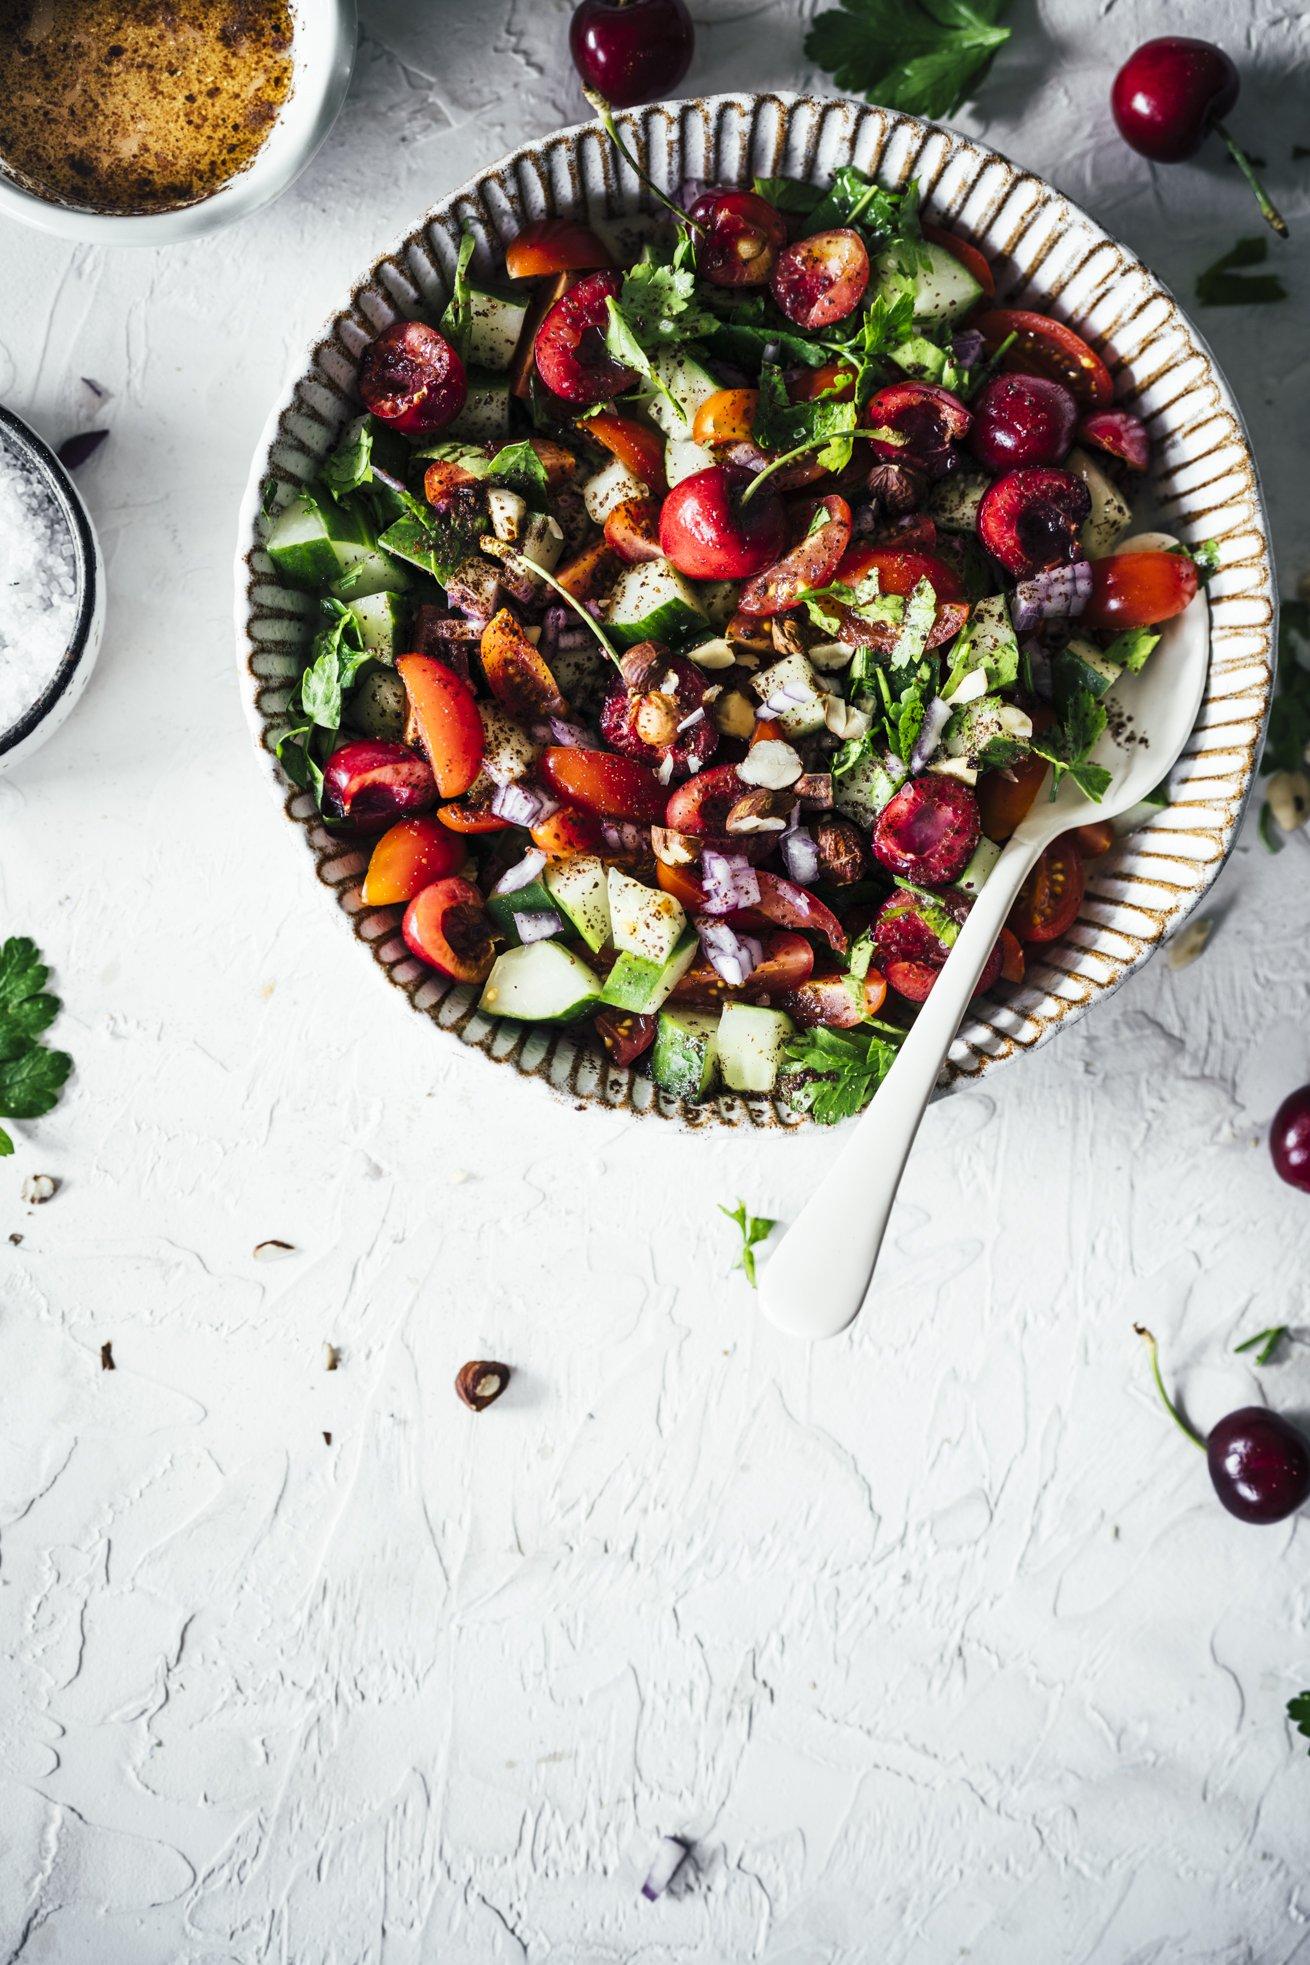 Mit diesem veganen Salat kommt Farbe auf den Teller. Tomaten Gurken Salat mit Kirschen